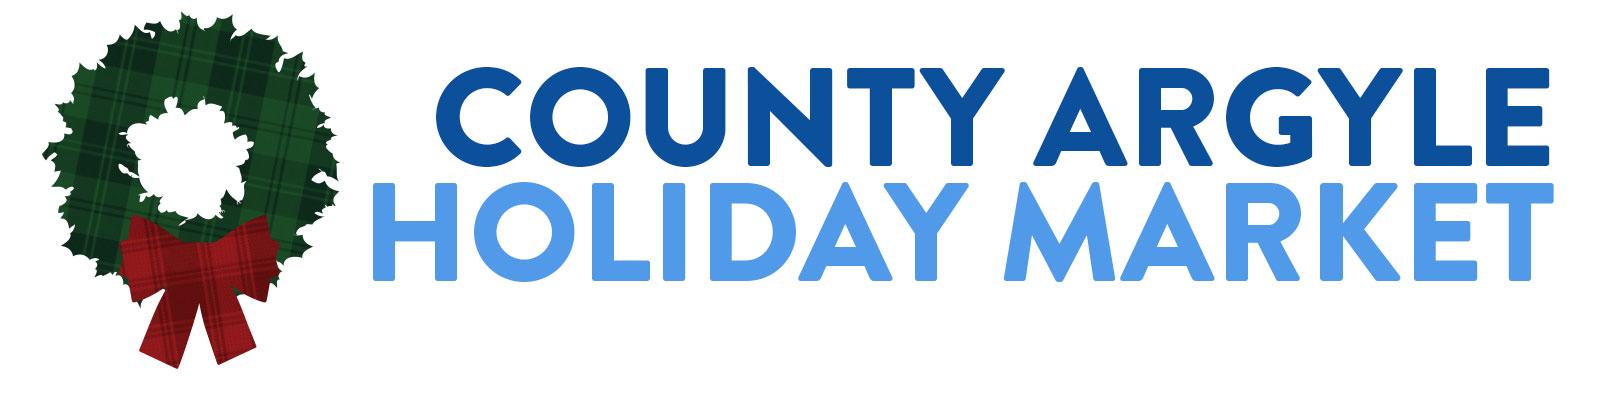 County Argyle Holiday Market